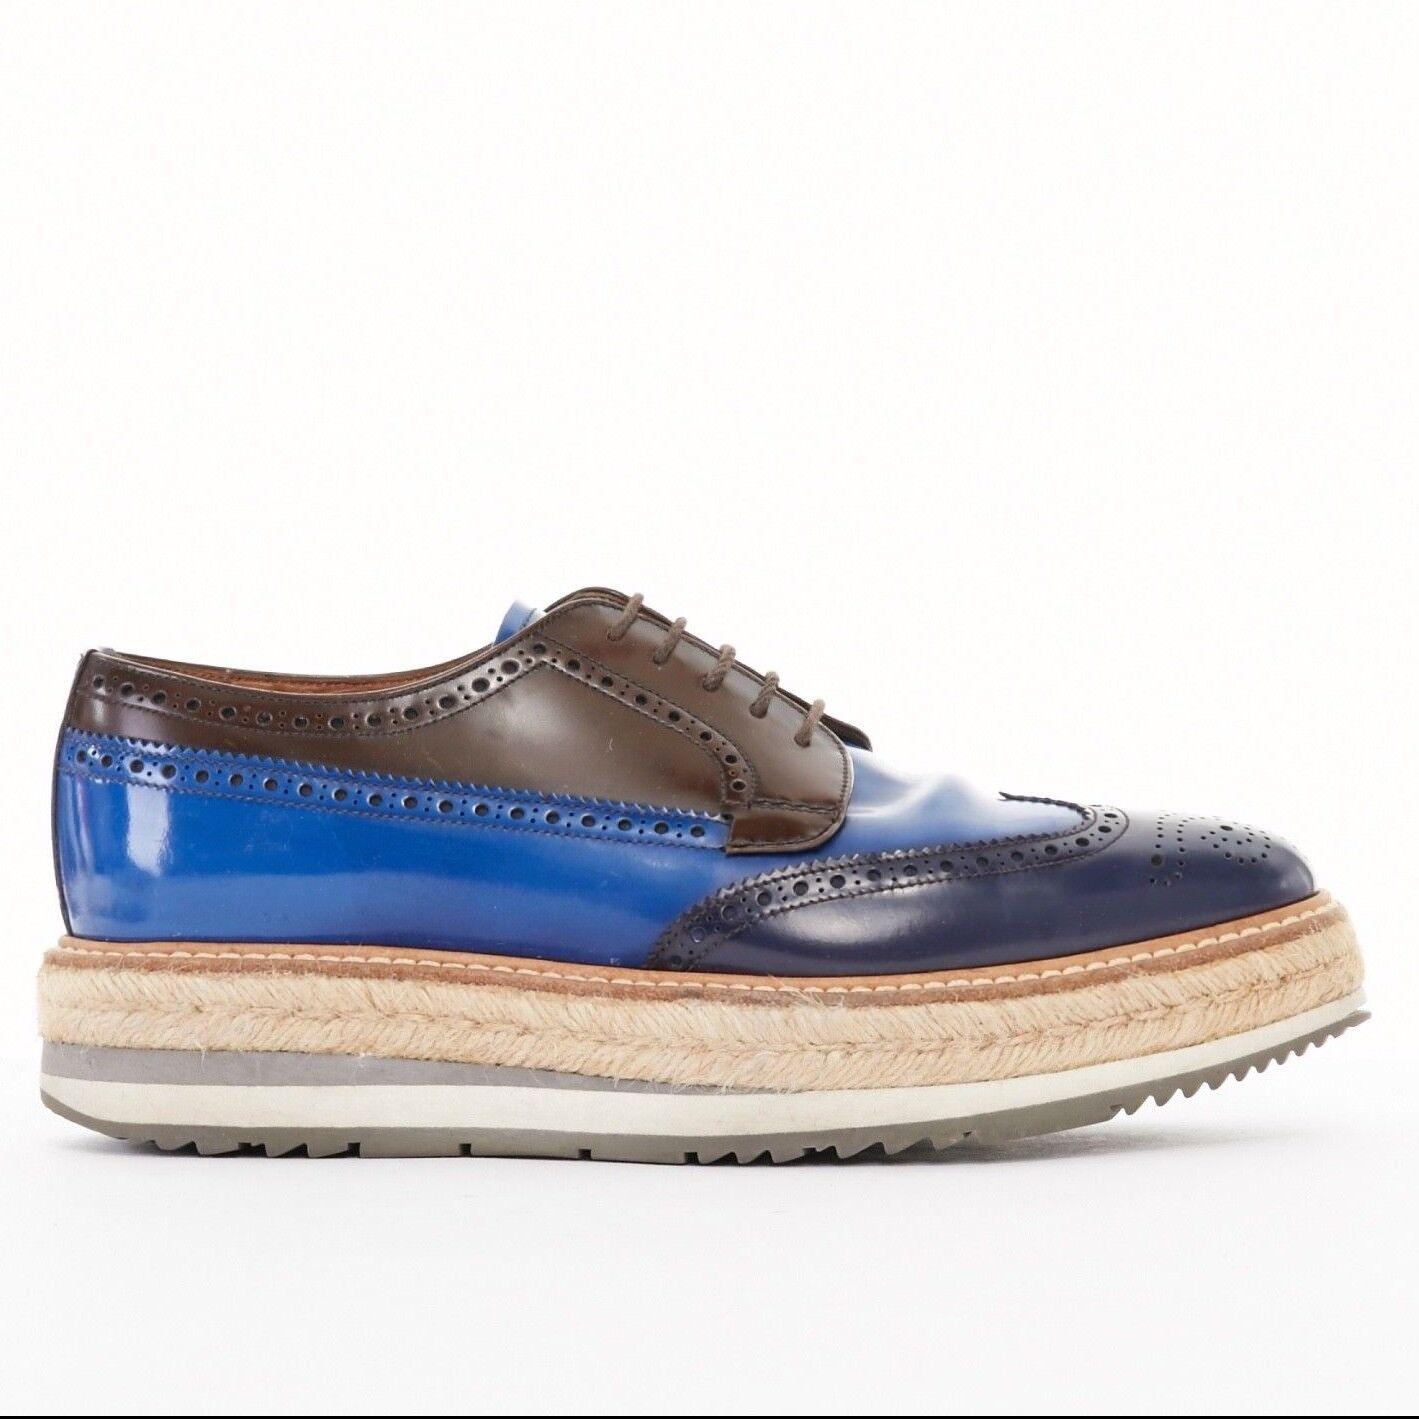 PRADA cobalto blu marrone pelle all'inglese CALATA Espadrillas scarpa piattaforma UK6 EU40 Scarpe classiche da uomo